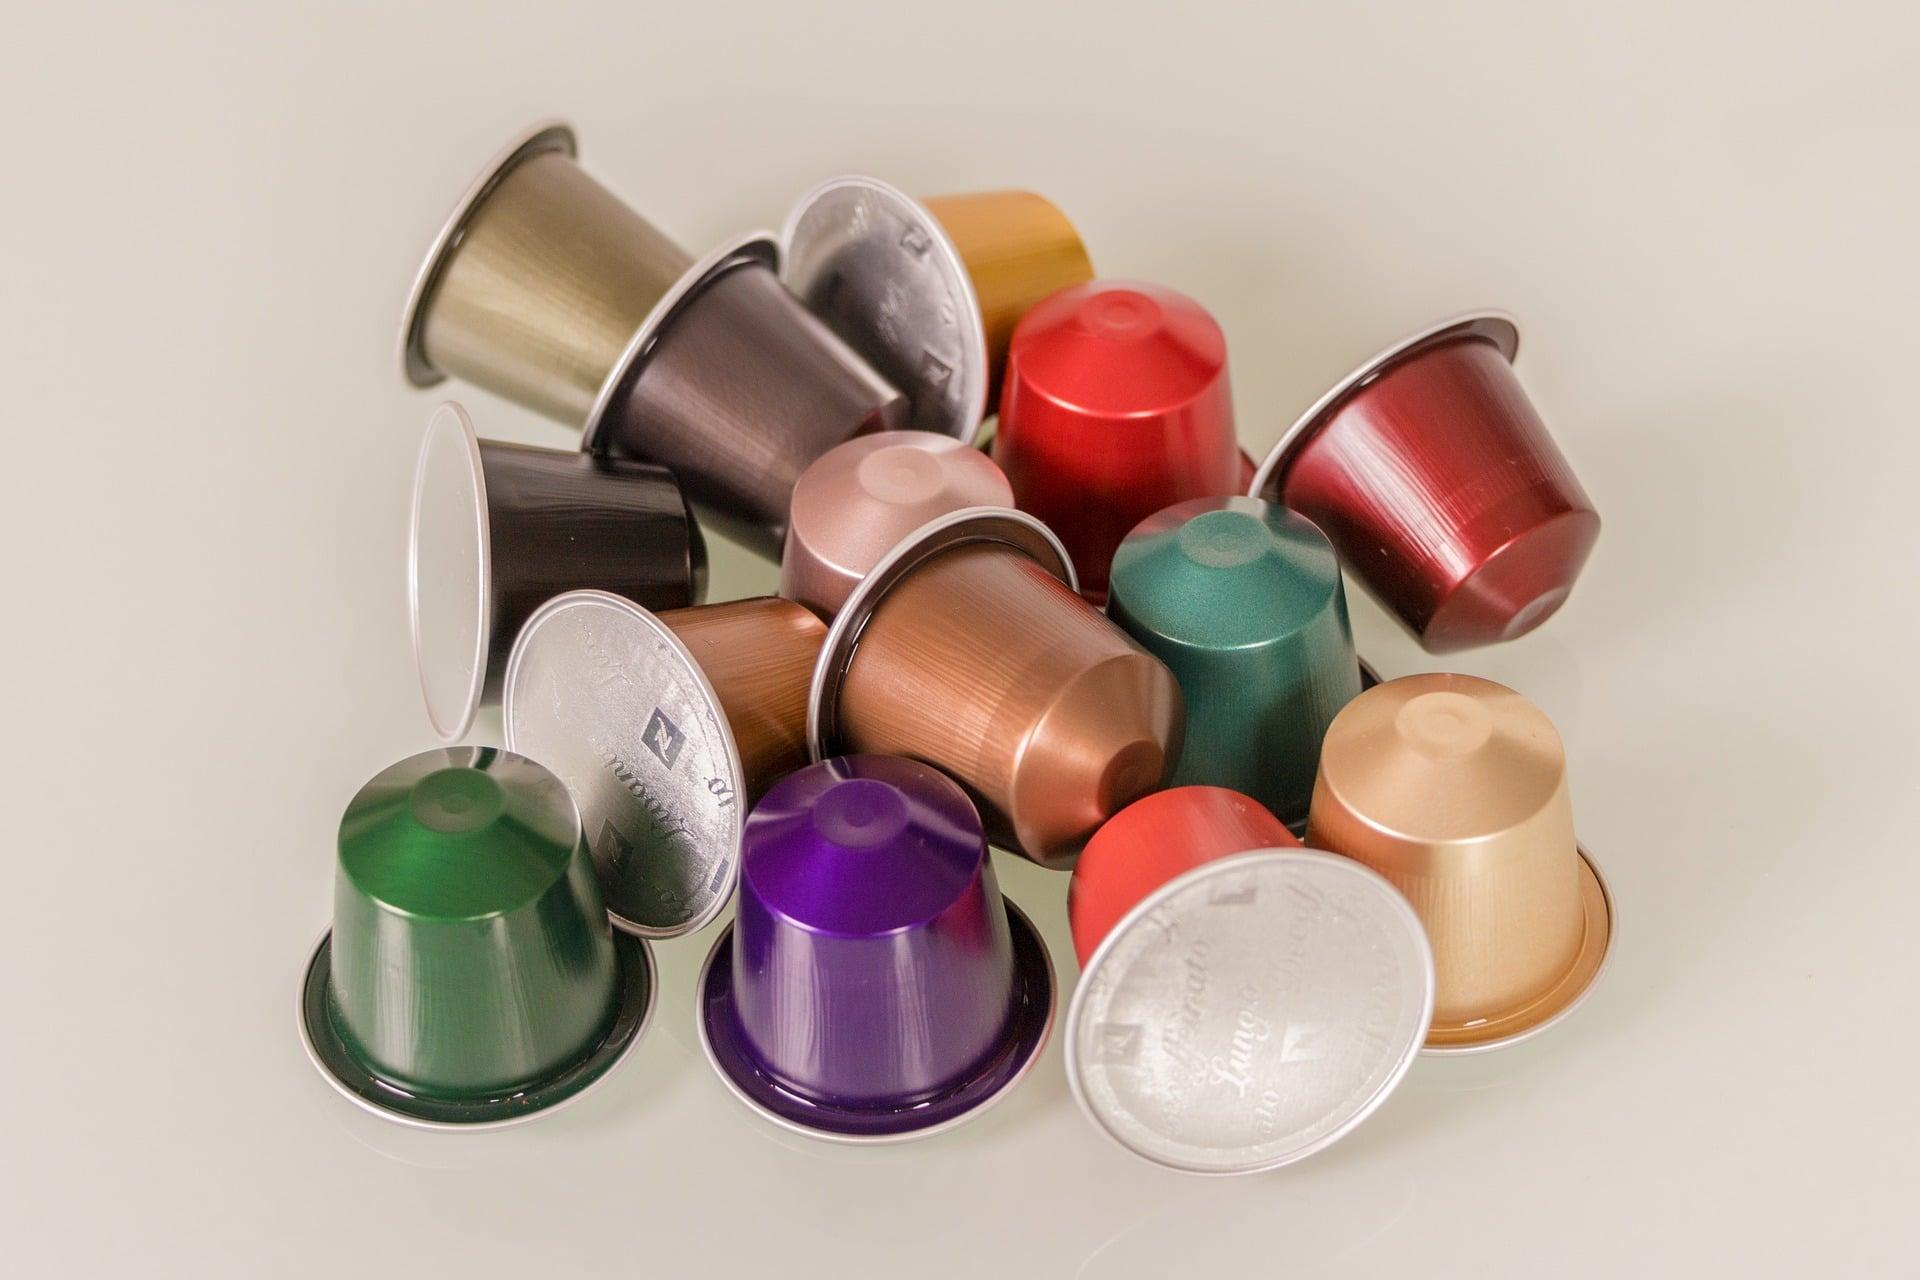 nespresso, compatible pods for nespresso